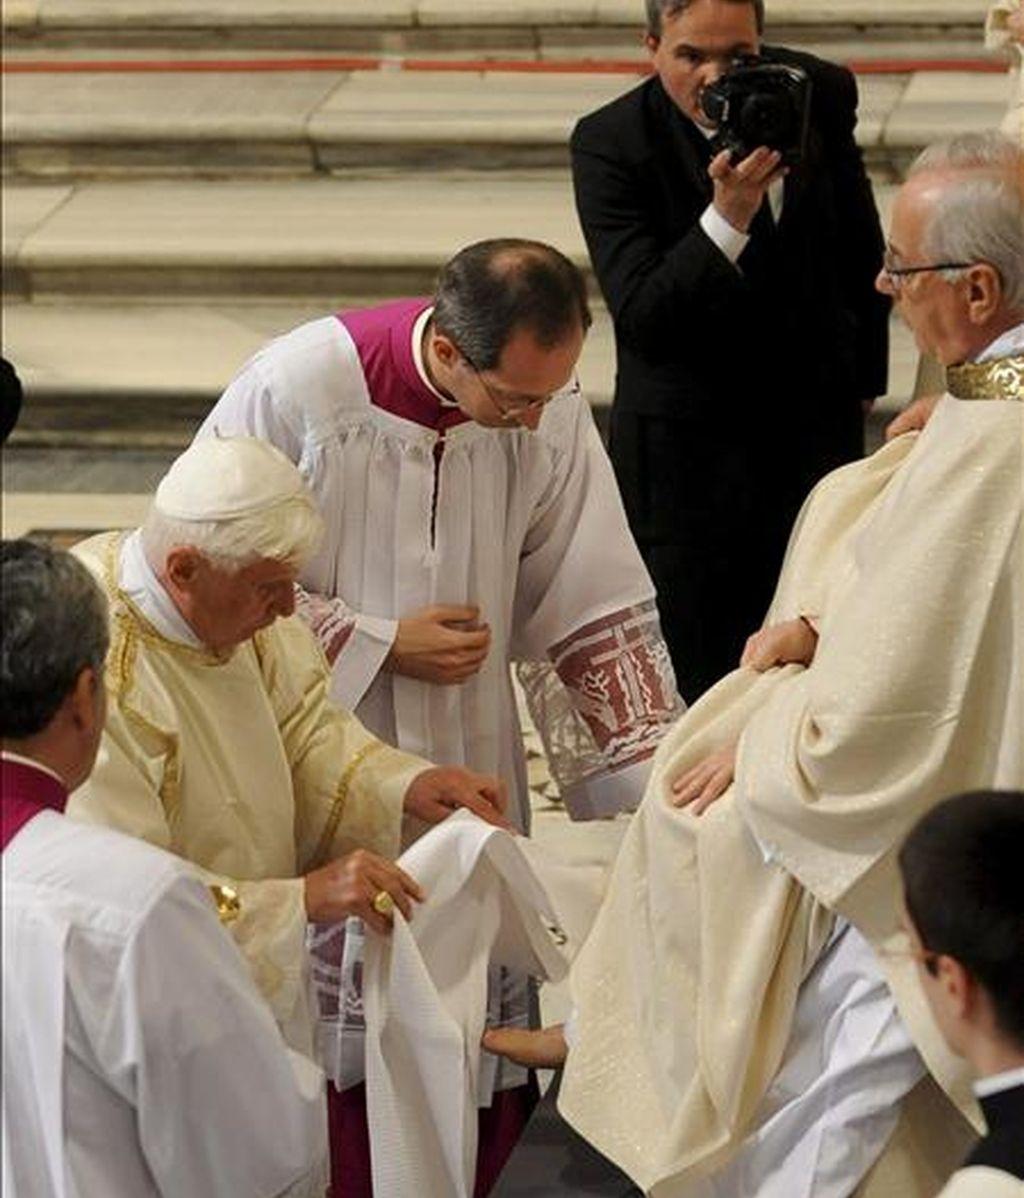 Benedicto XVI le lava los pies a uno de sus 12 sacerdotes durante la misa del Jueves Santo para conmemorar la última cena de Jesús, hoy en la basílida de San Juan de Letrán, considerada la catedral de Roma. EFE